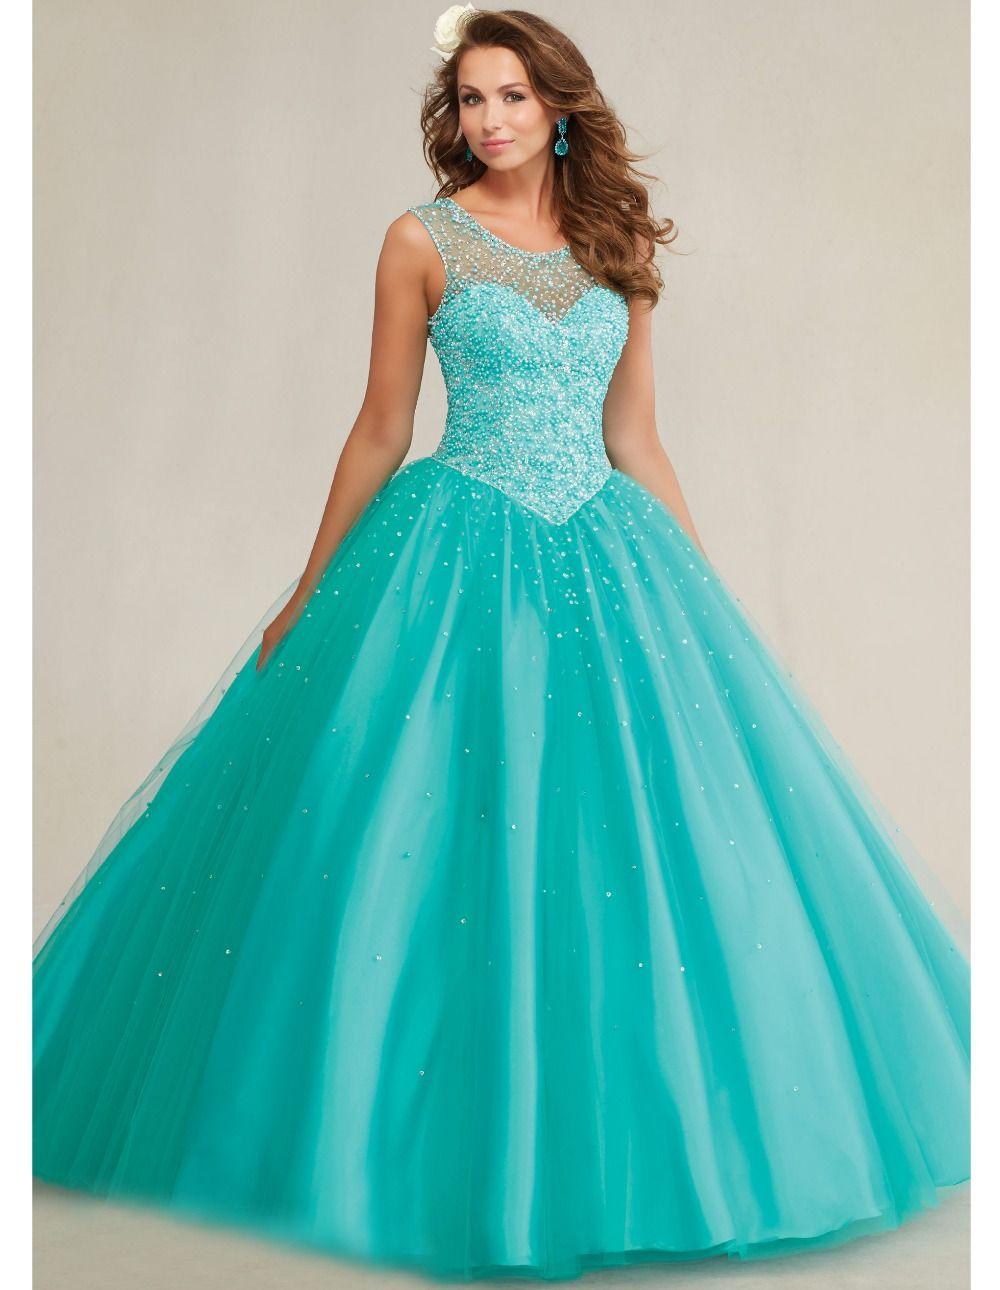 24f643c75 Encontrar Más Vestidos de Quinceañera Información acerca de Quinceanera 15  años vestidos de 15 años 2015 azul del dulce 16 vestidos de la muchacha ...